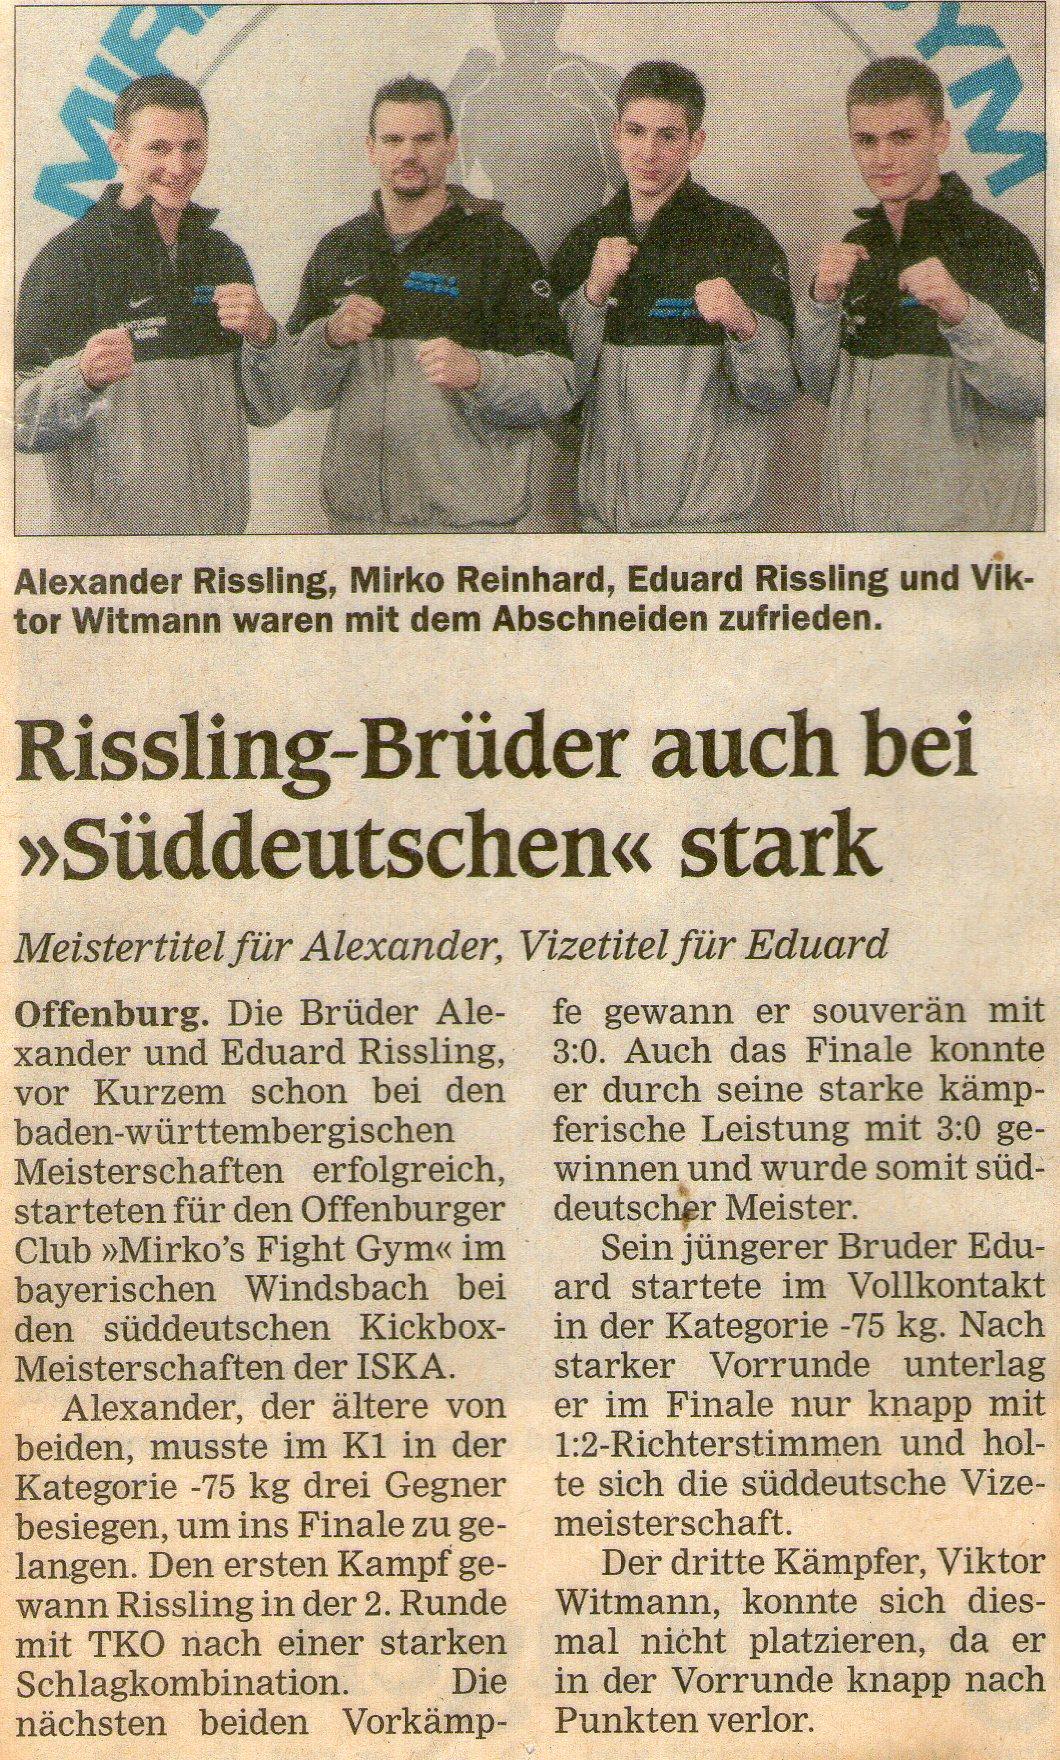 Rissling-Brüder auch bei Süddeuschen stark